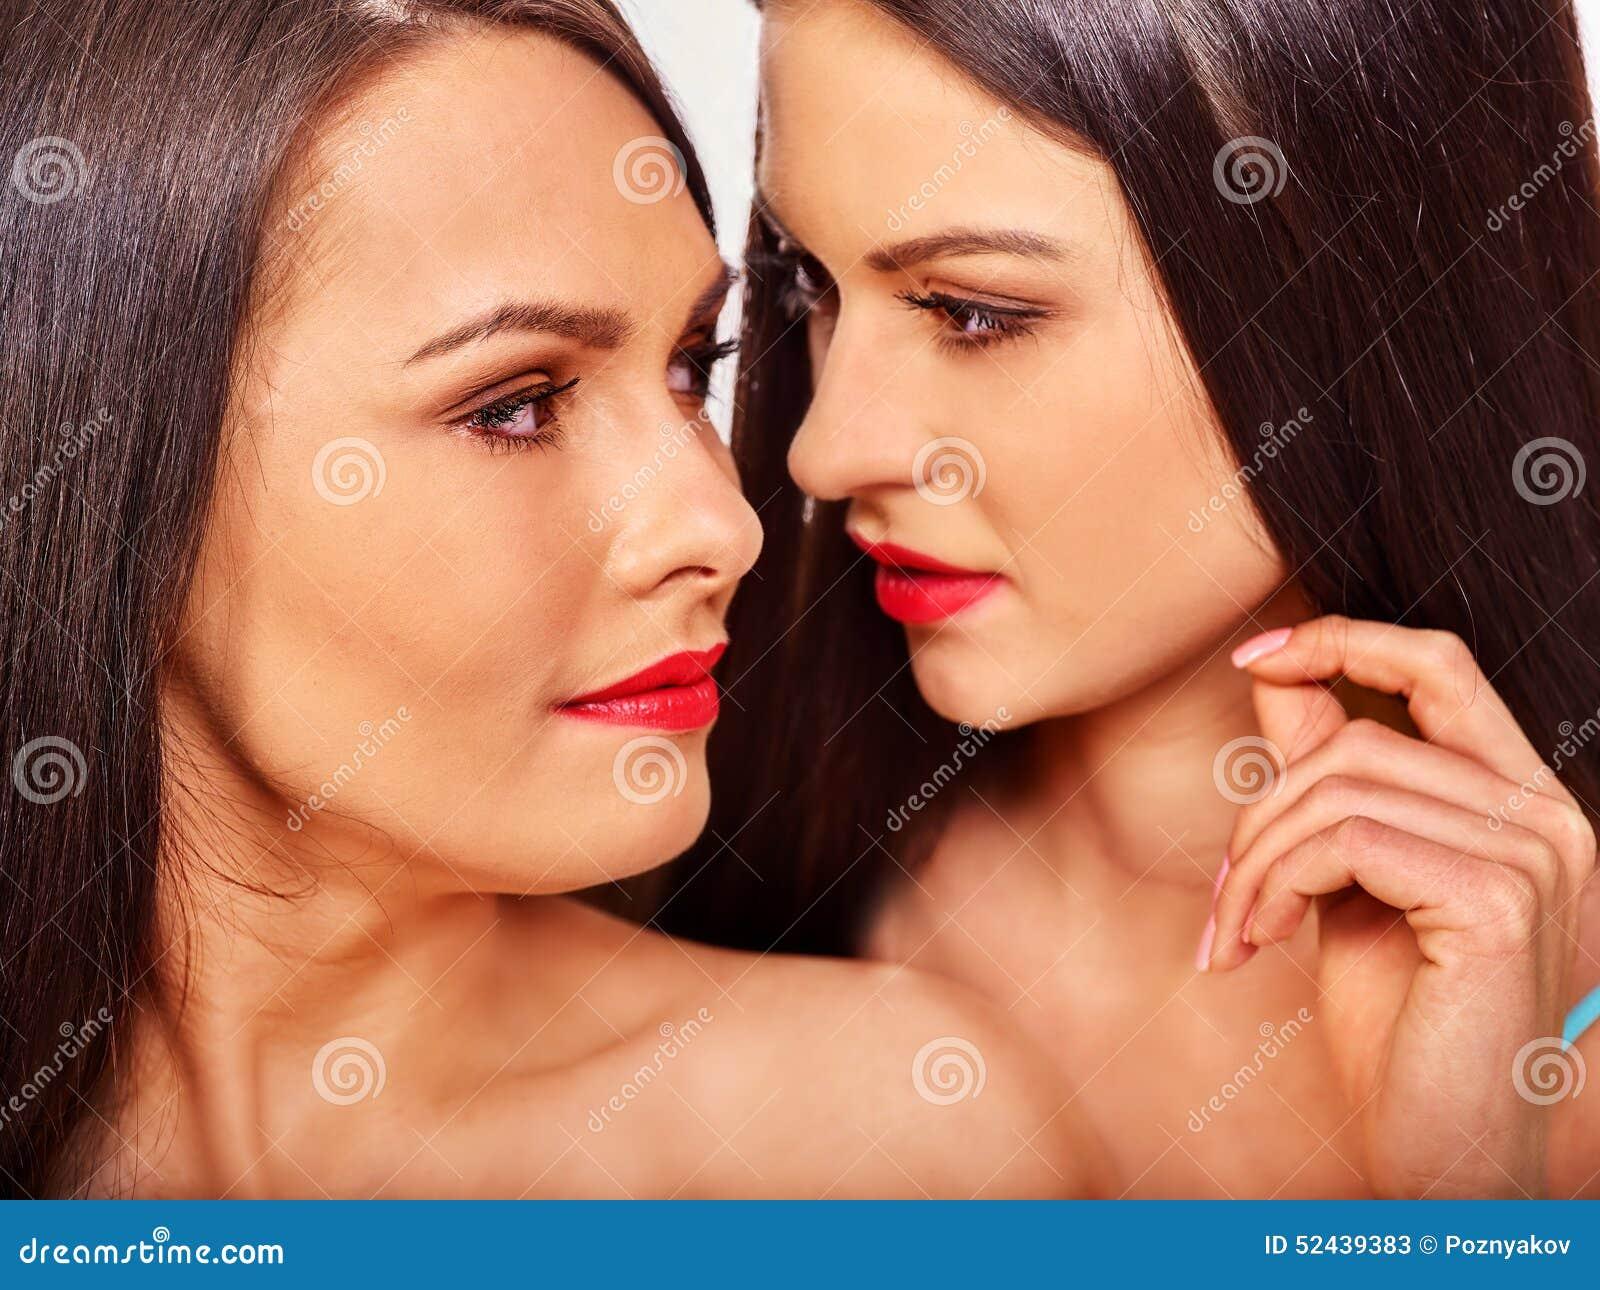 色情女同性恋_拥抱在色情爱抚比赛的两名性感的女同性恋的妇女 查出.